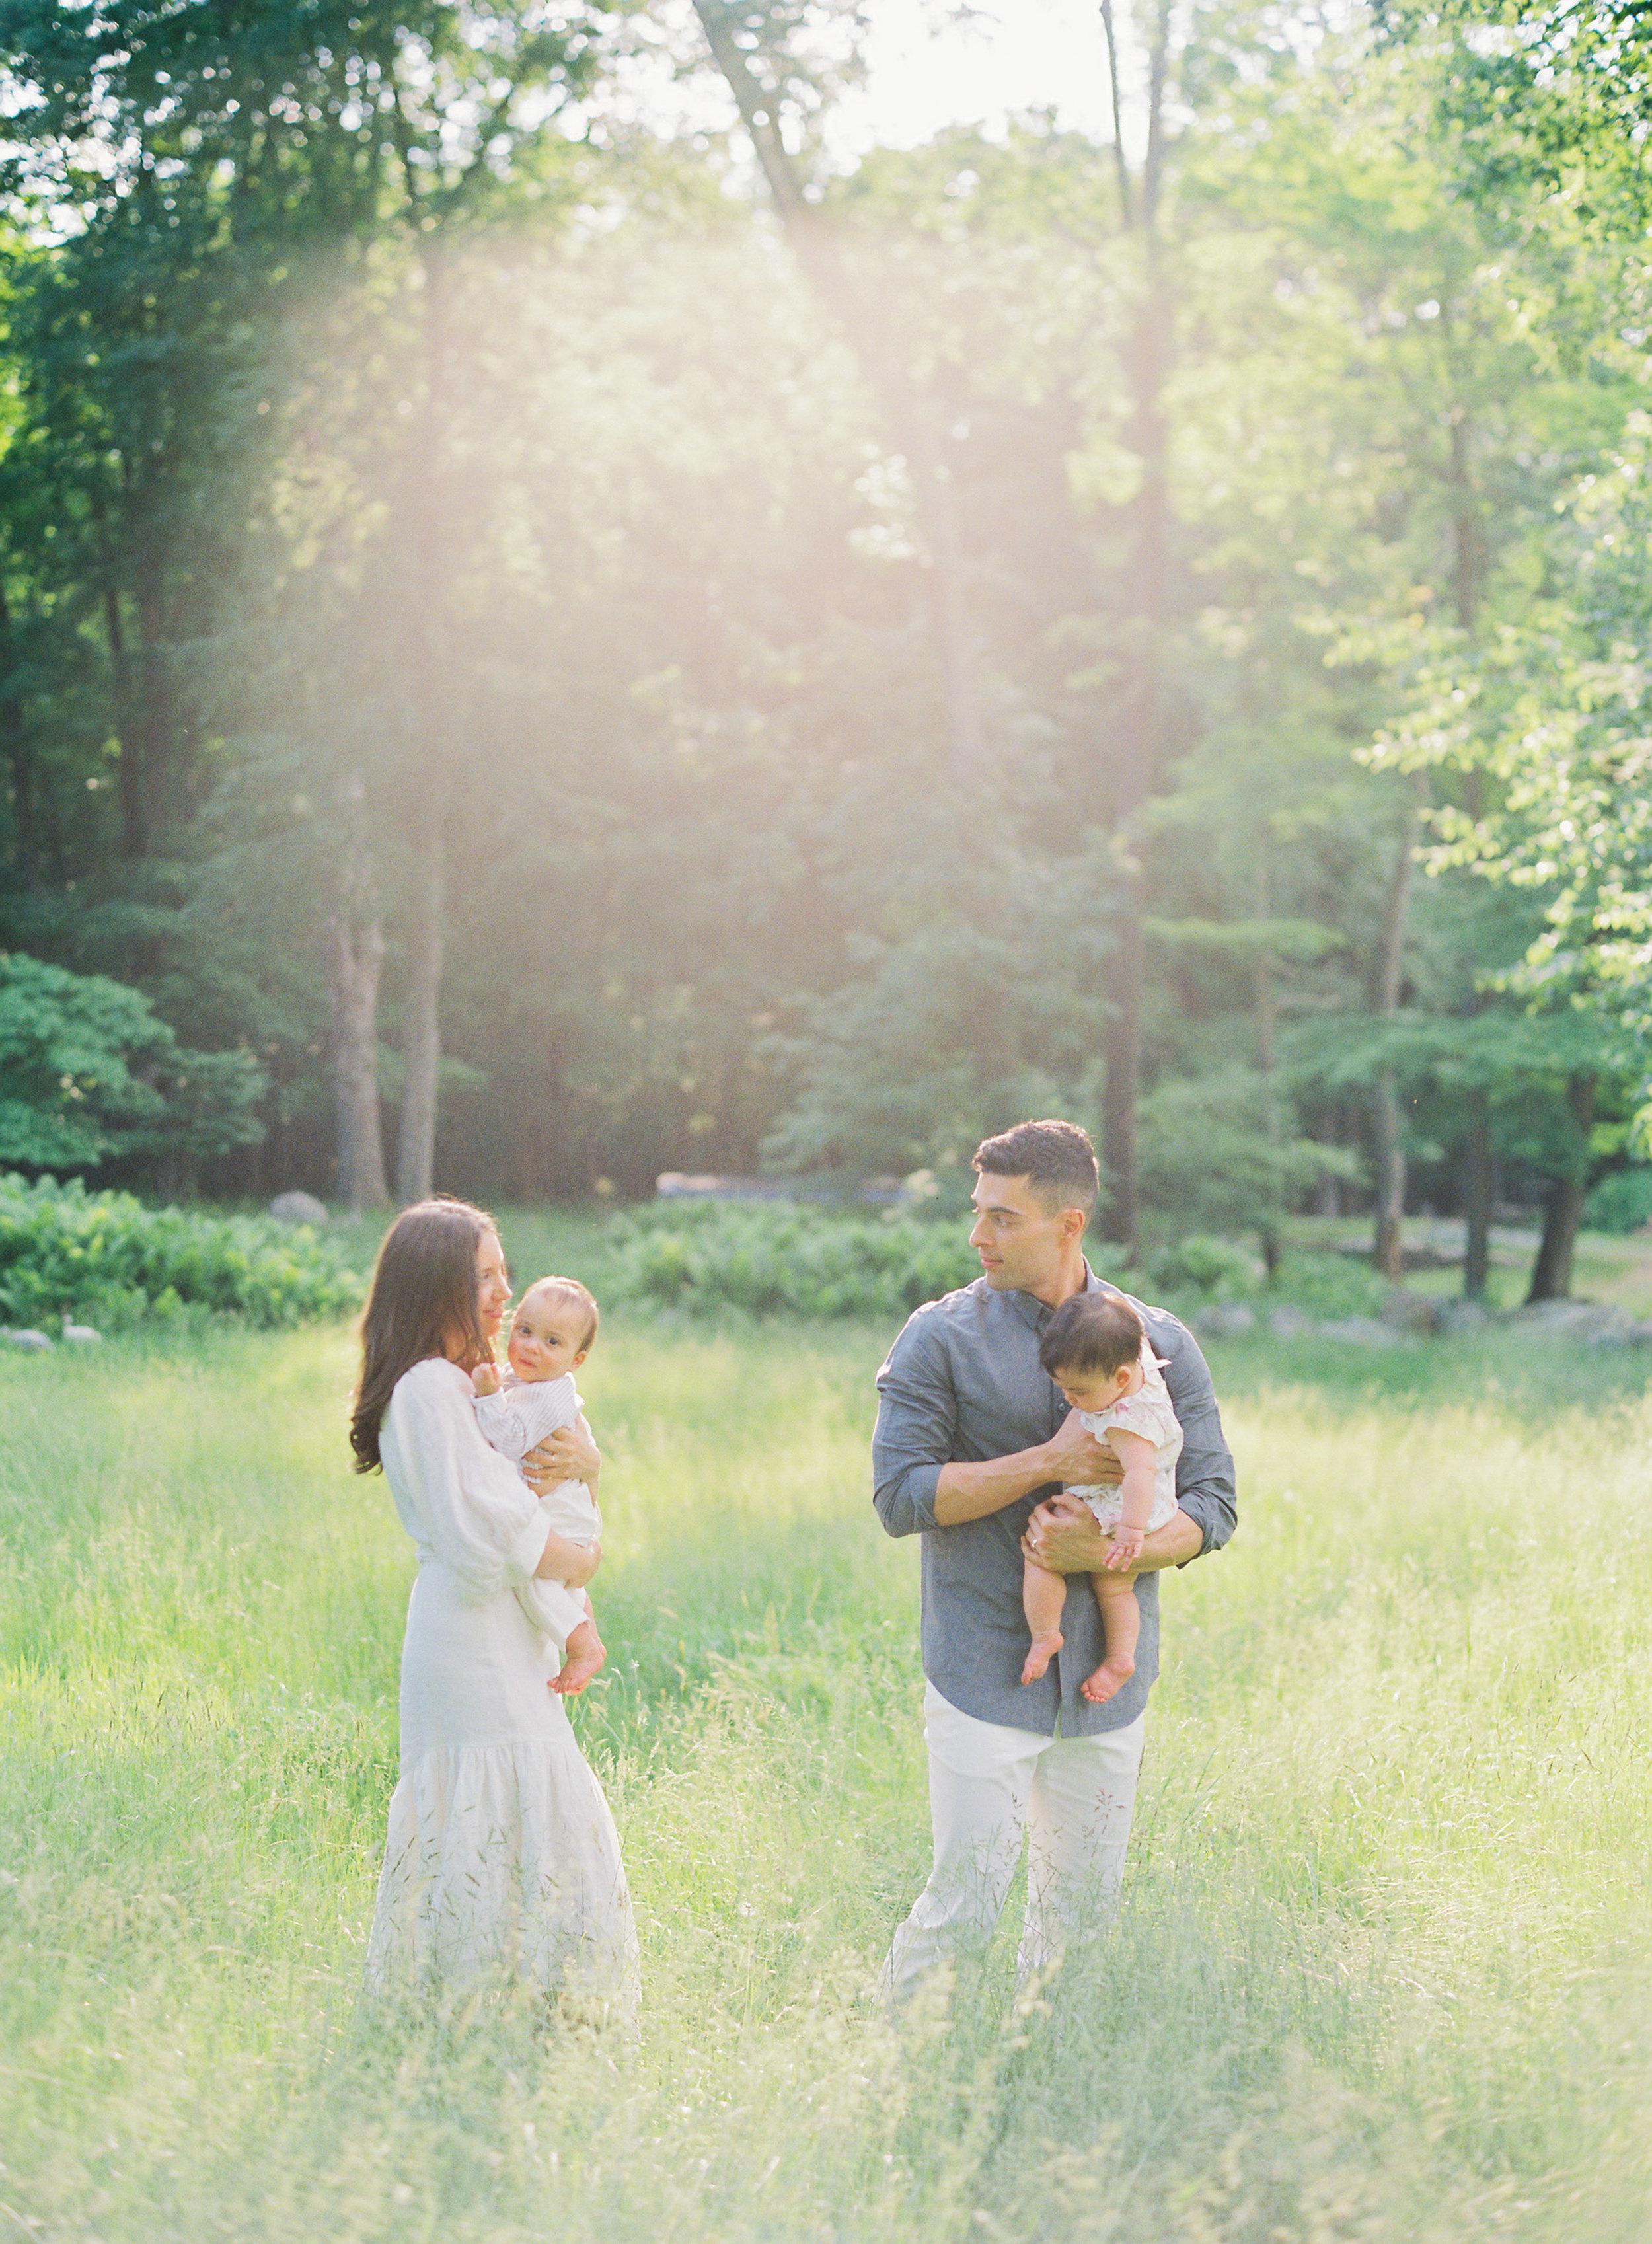 Pound-Ridge-Family-Portraits-5-Jen-Huang-003169-R1-012.jpg